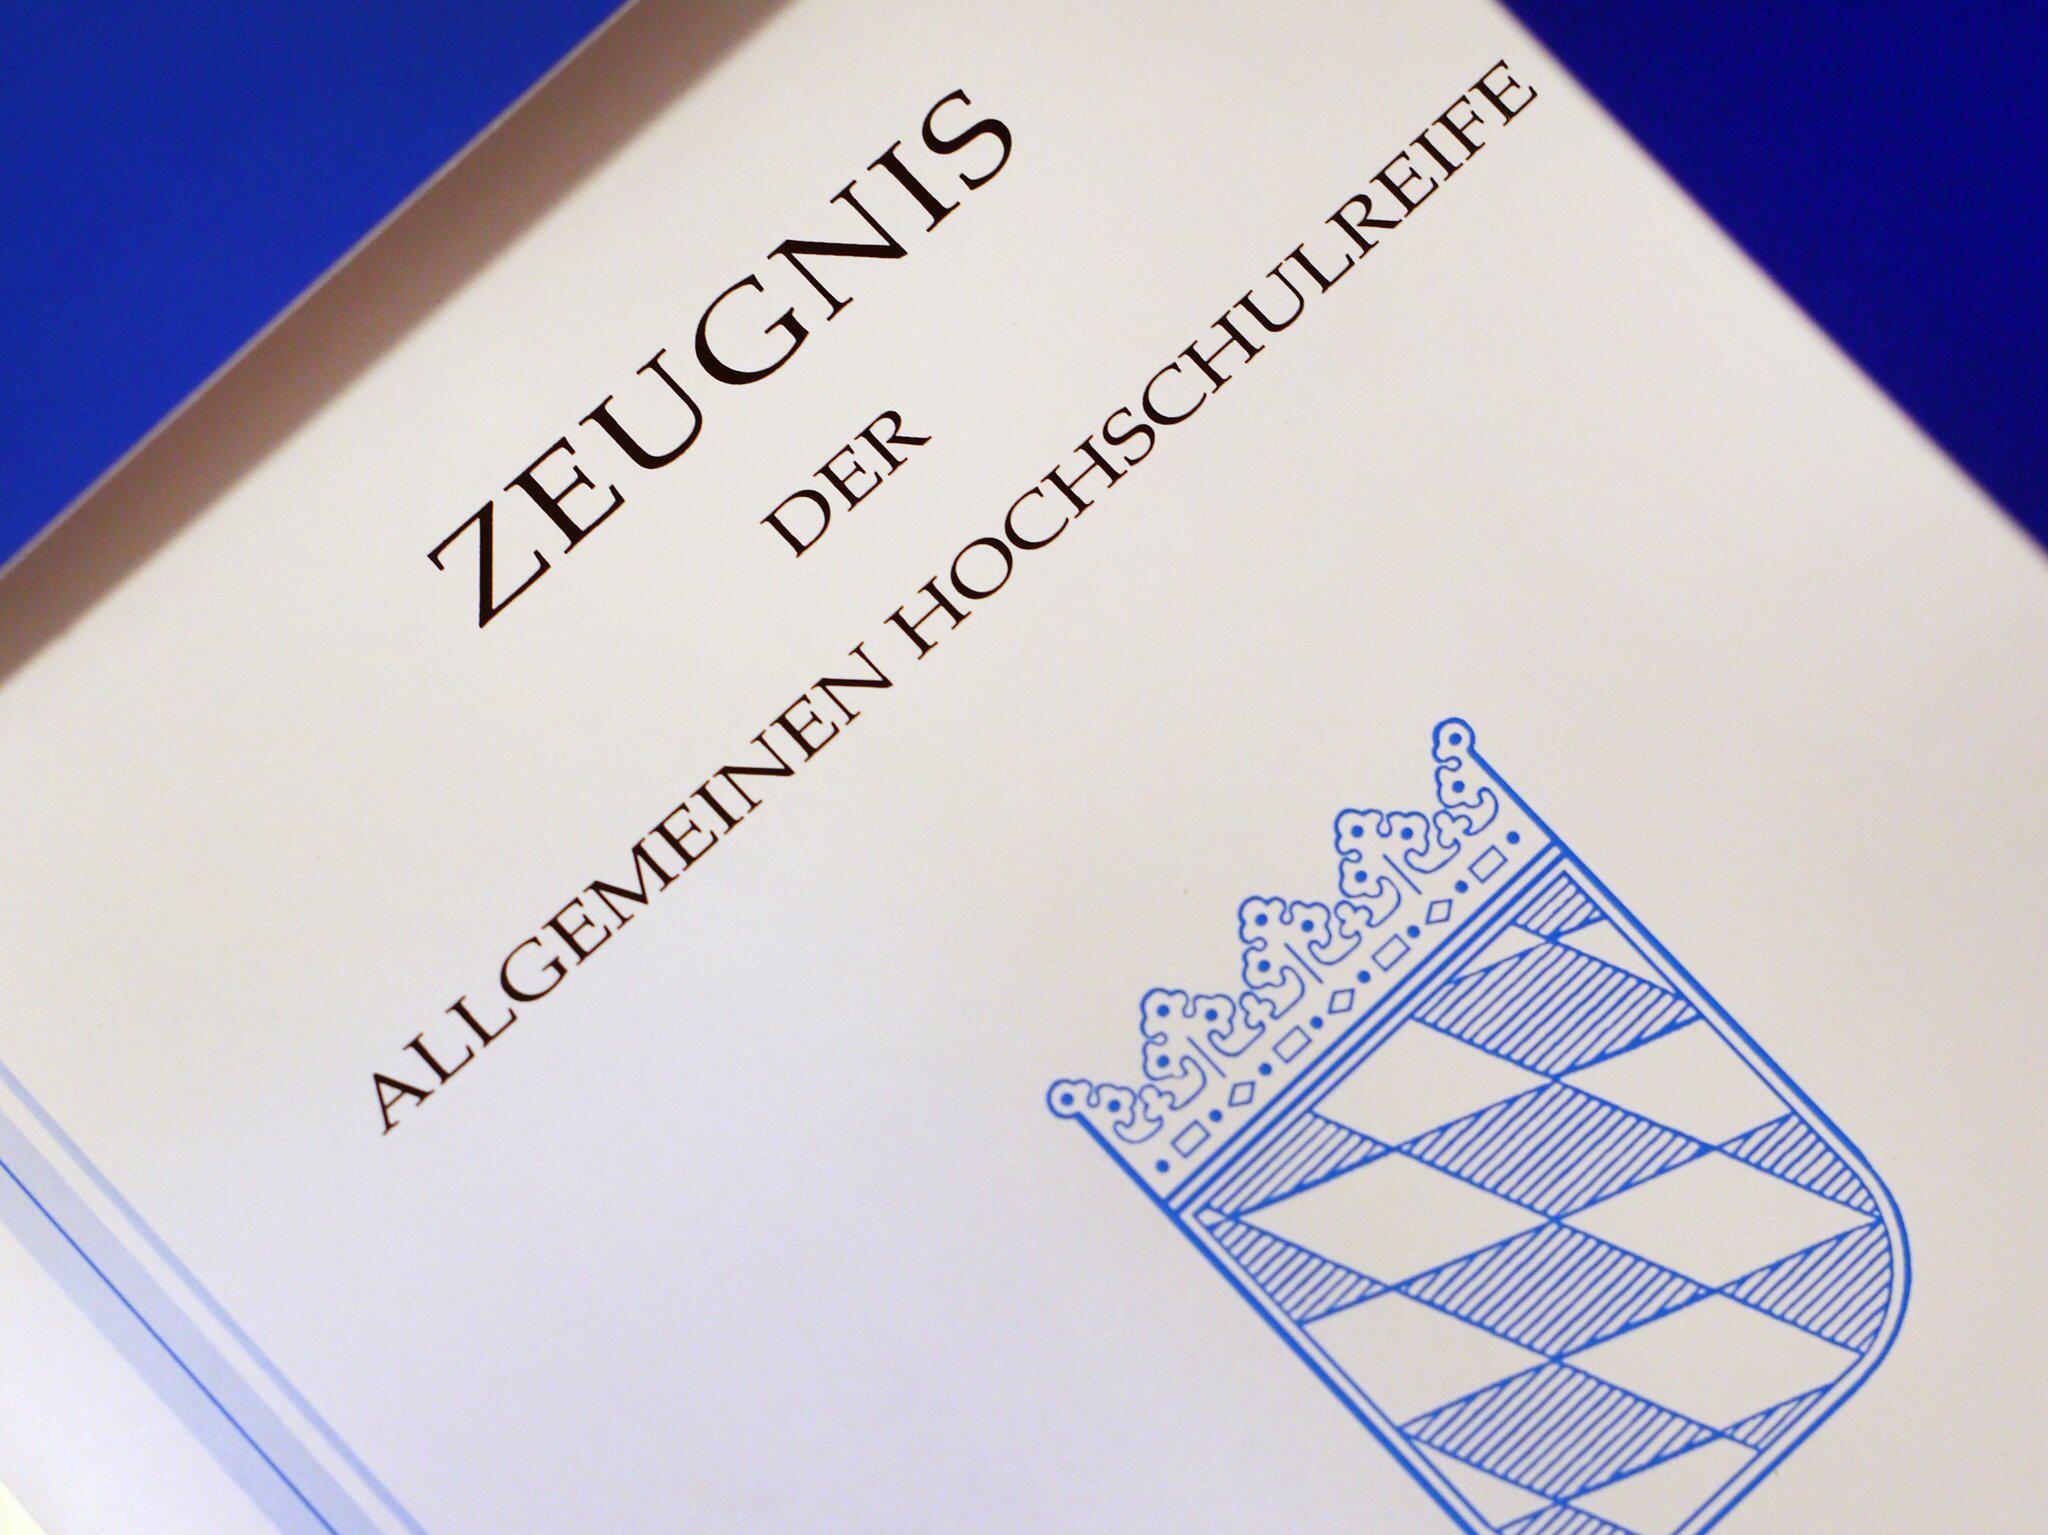 Bild zu Bayern steigt aus Nationalem Bildungsrat aus